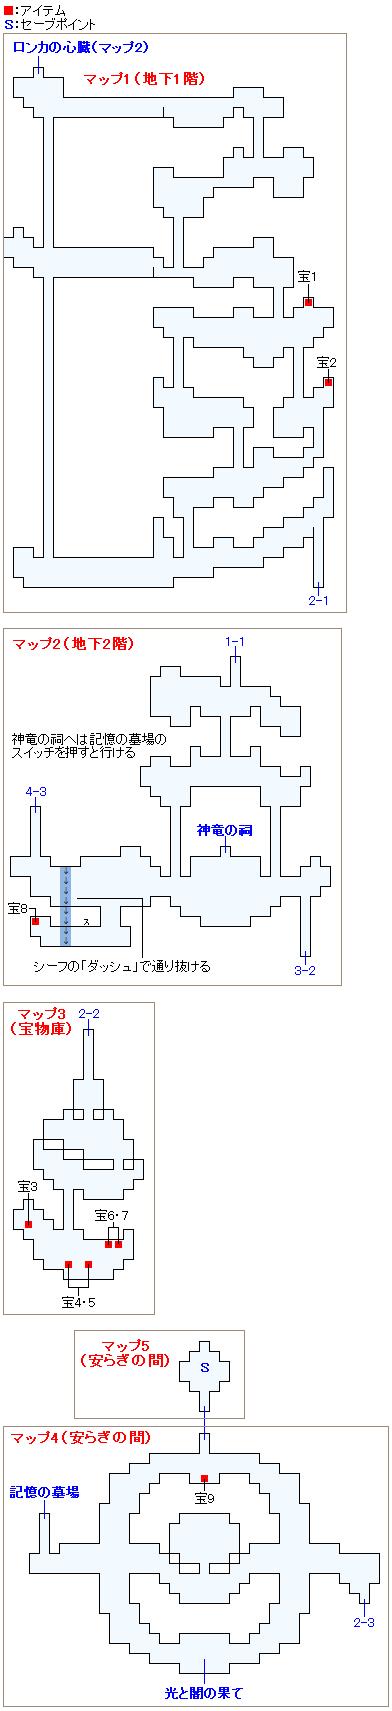 エクストラダンジョン・神竜の祠のマップ画像